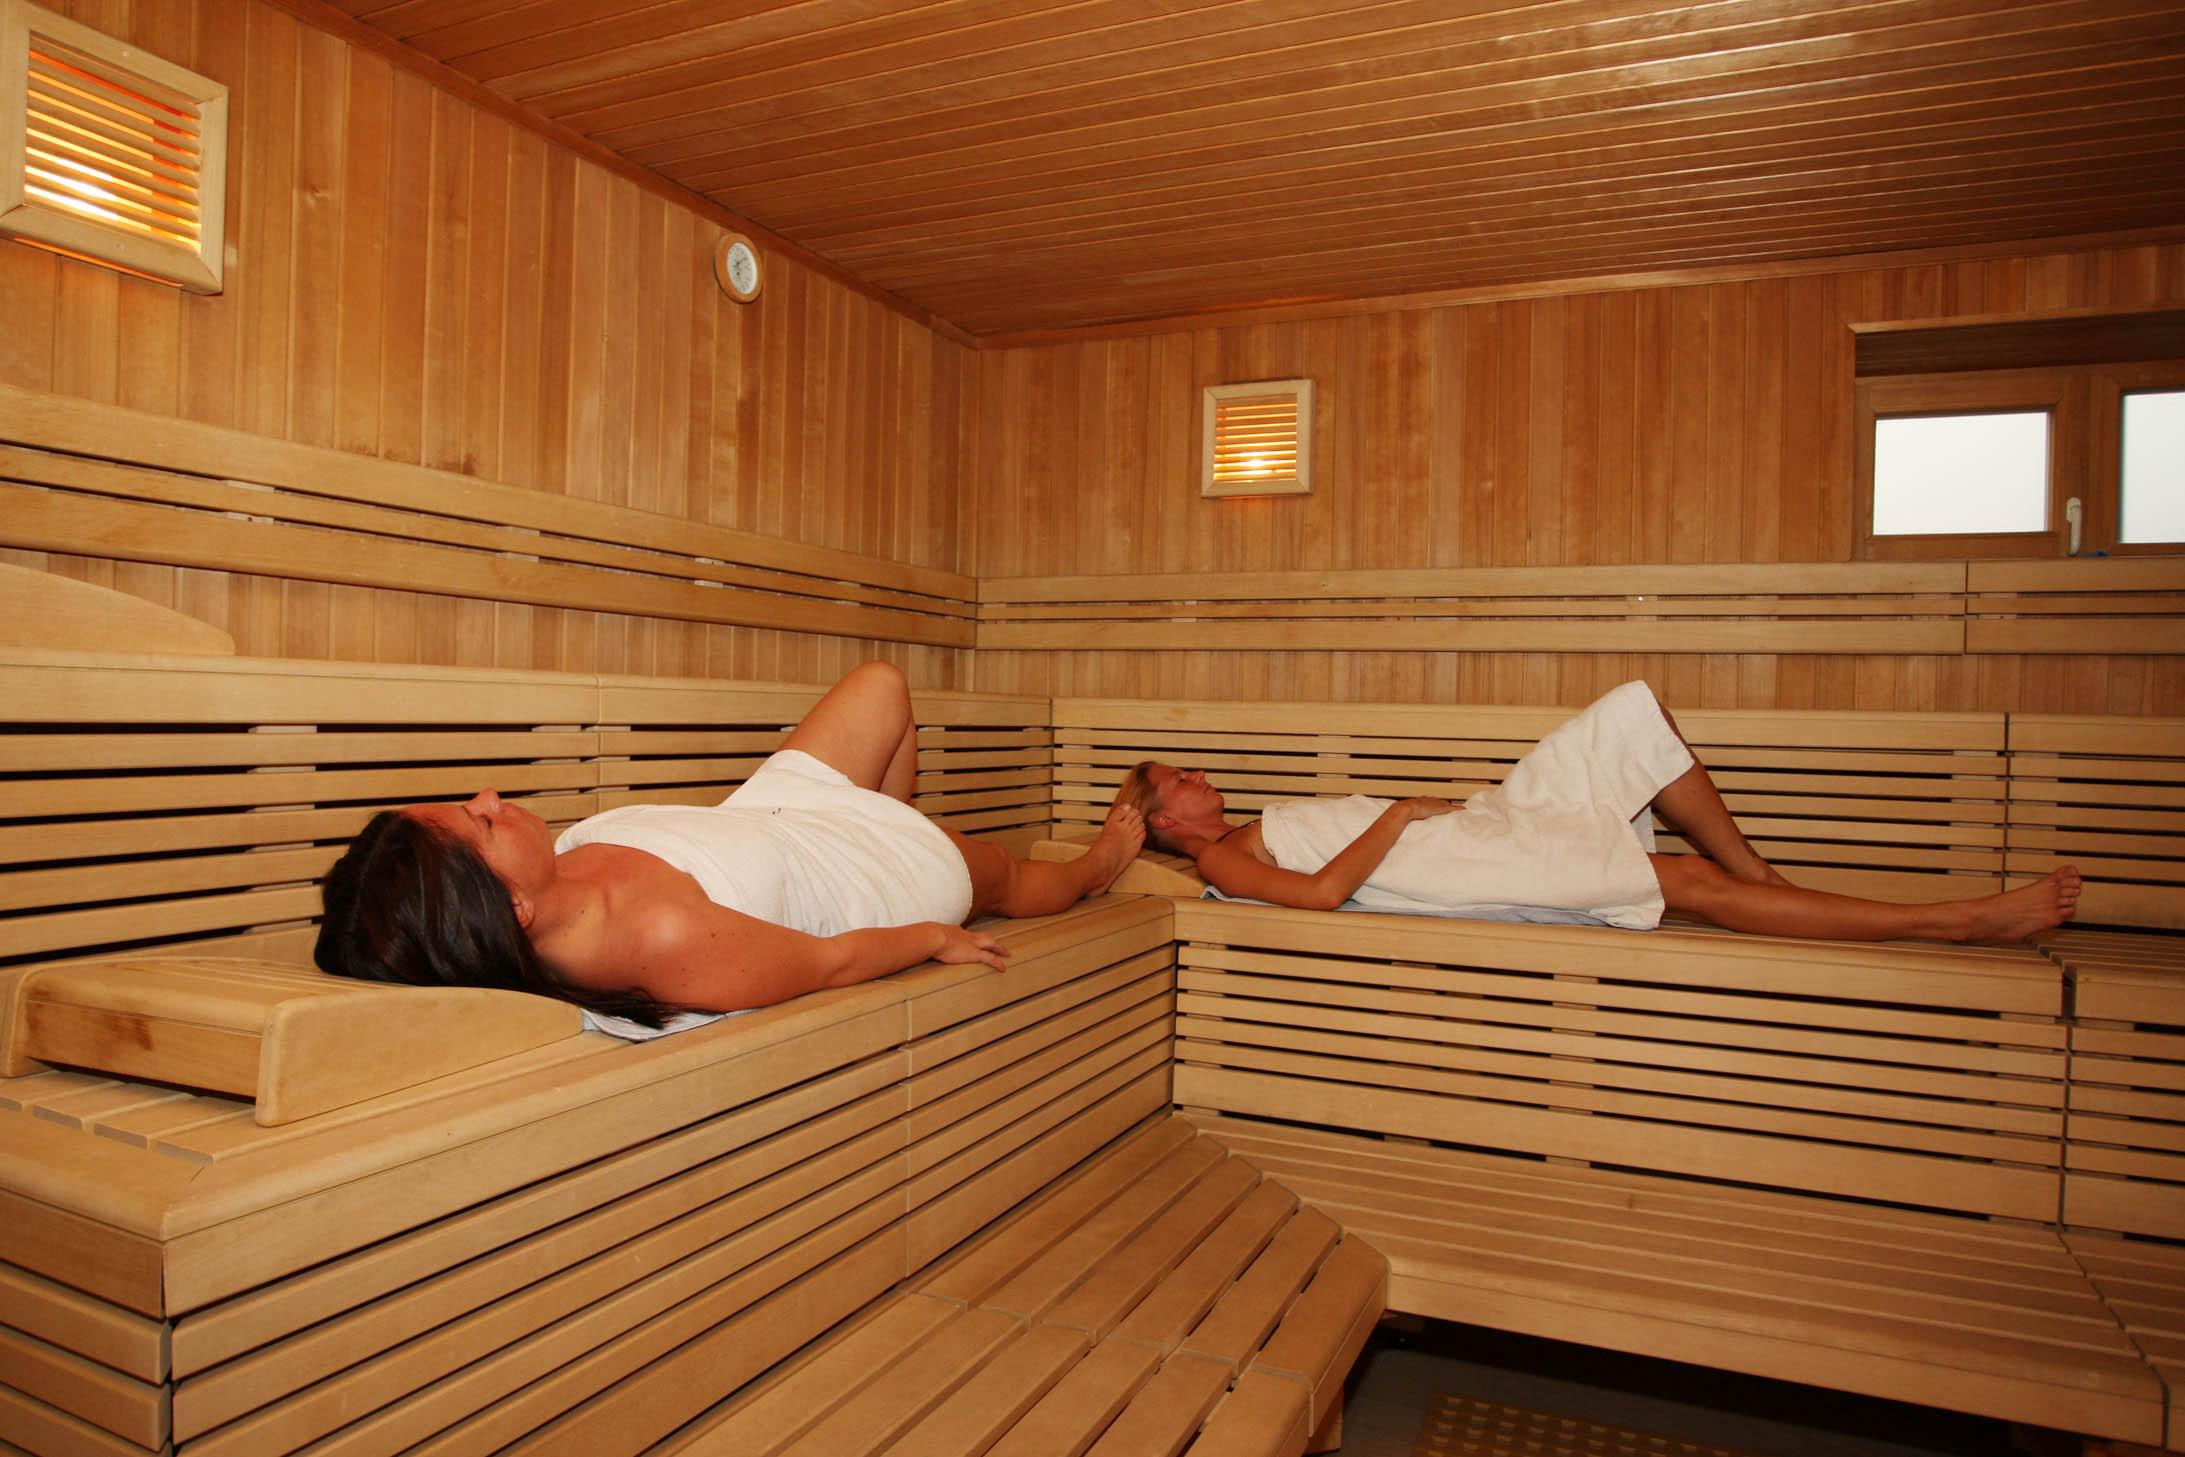 Баня является местом для отдыха души и тела. Ввиду того, что она должна выдерживать высокие температуры, необходимо утеплять стены изнутри.